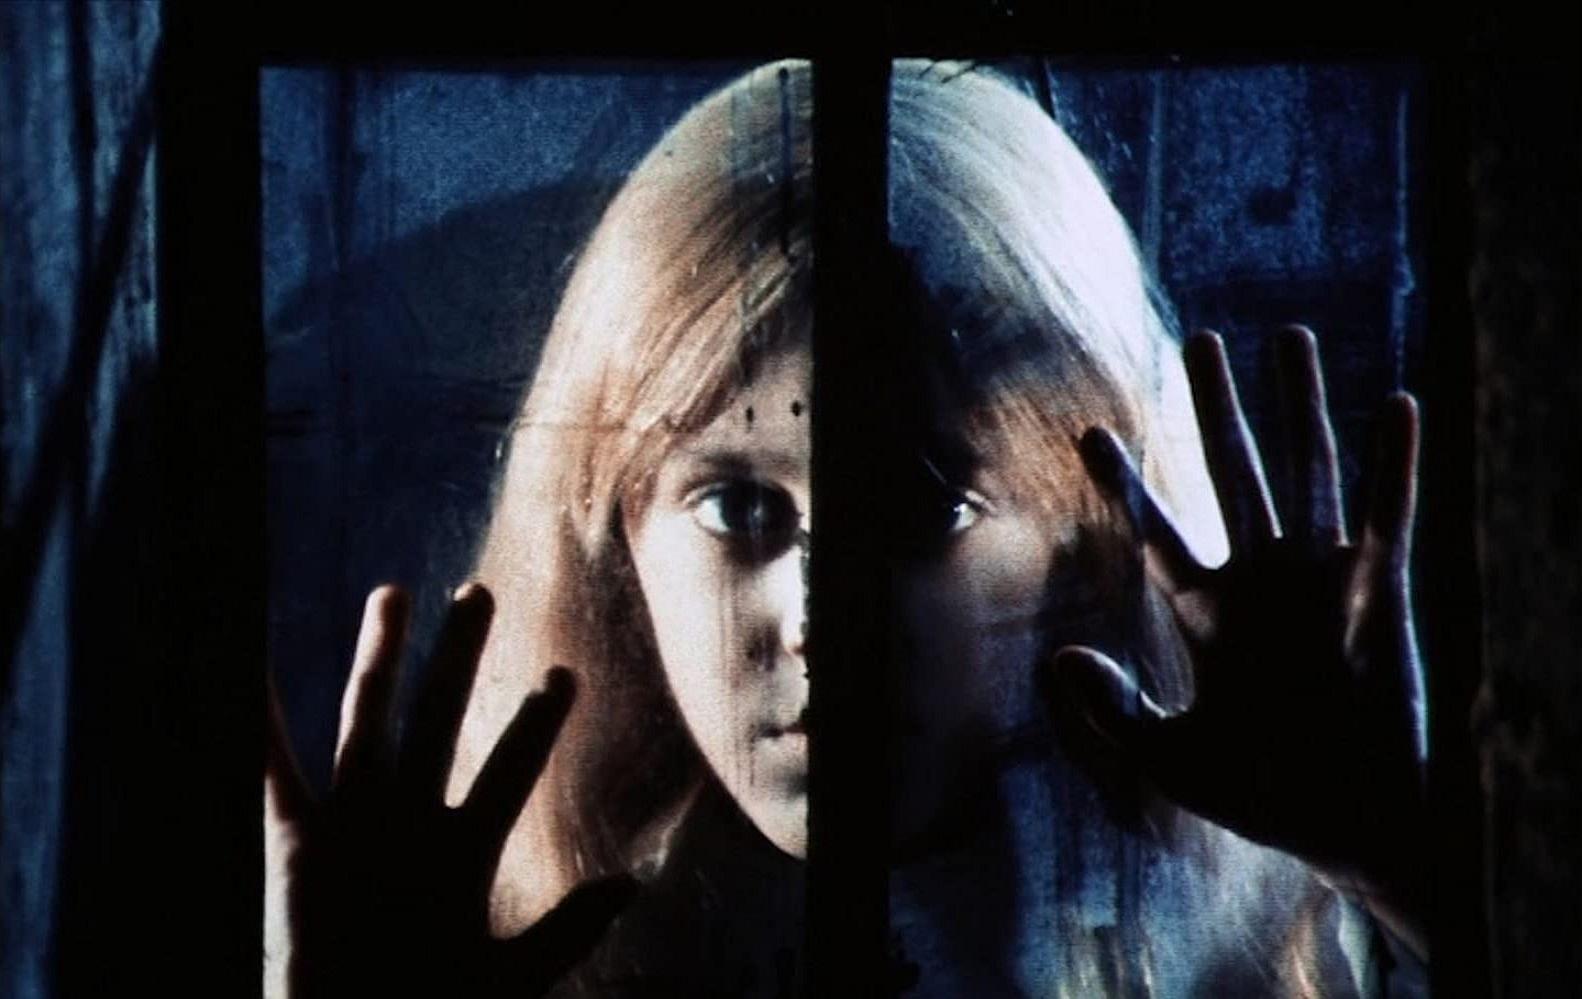 Ghost Child Valerio Valeri in Kill ... Baby Kill (1966)